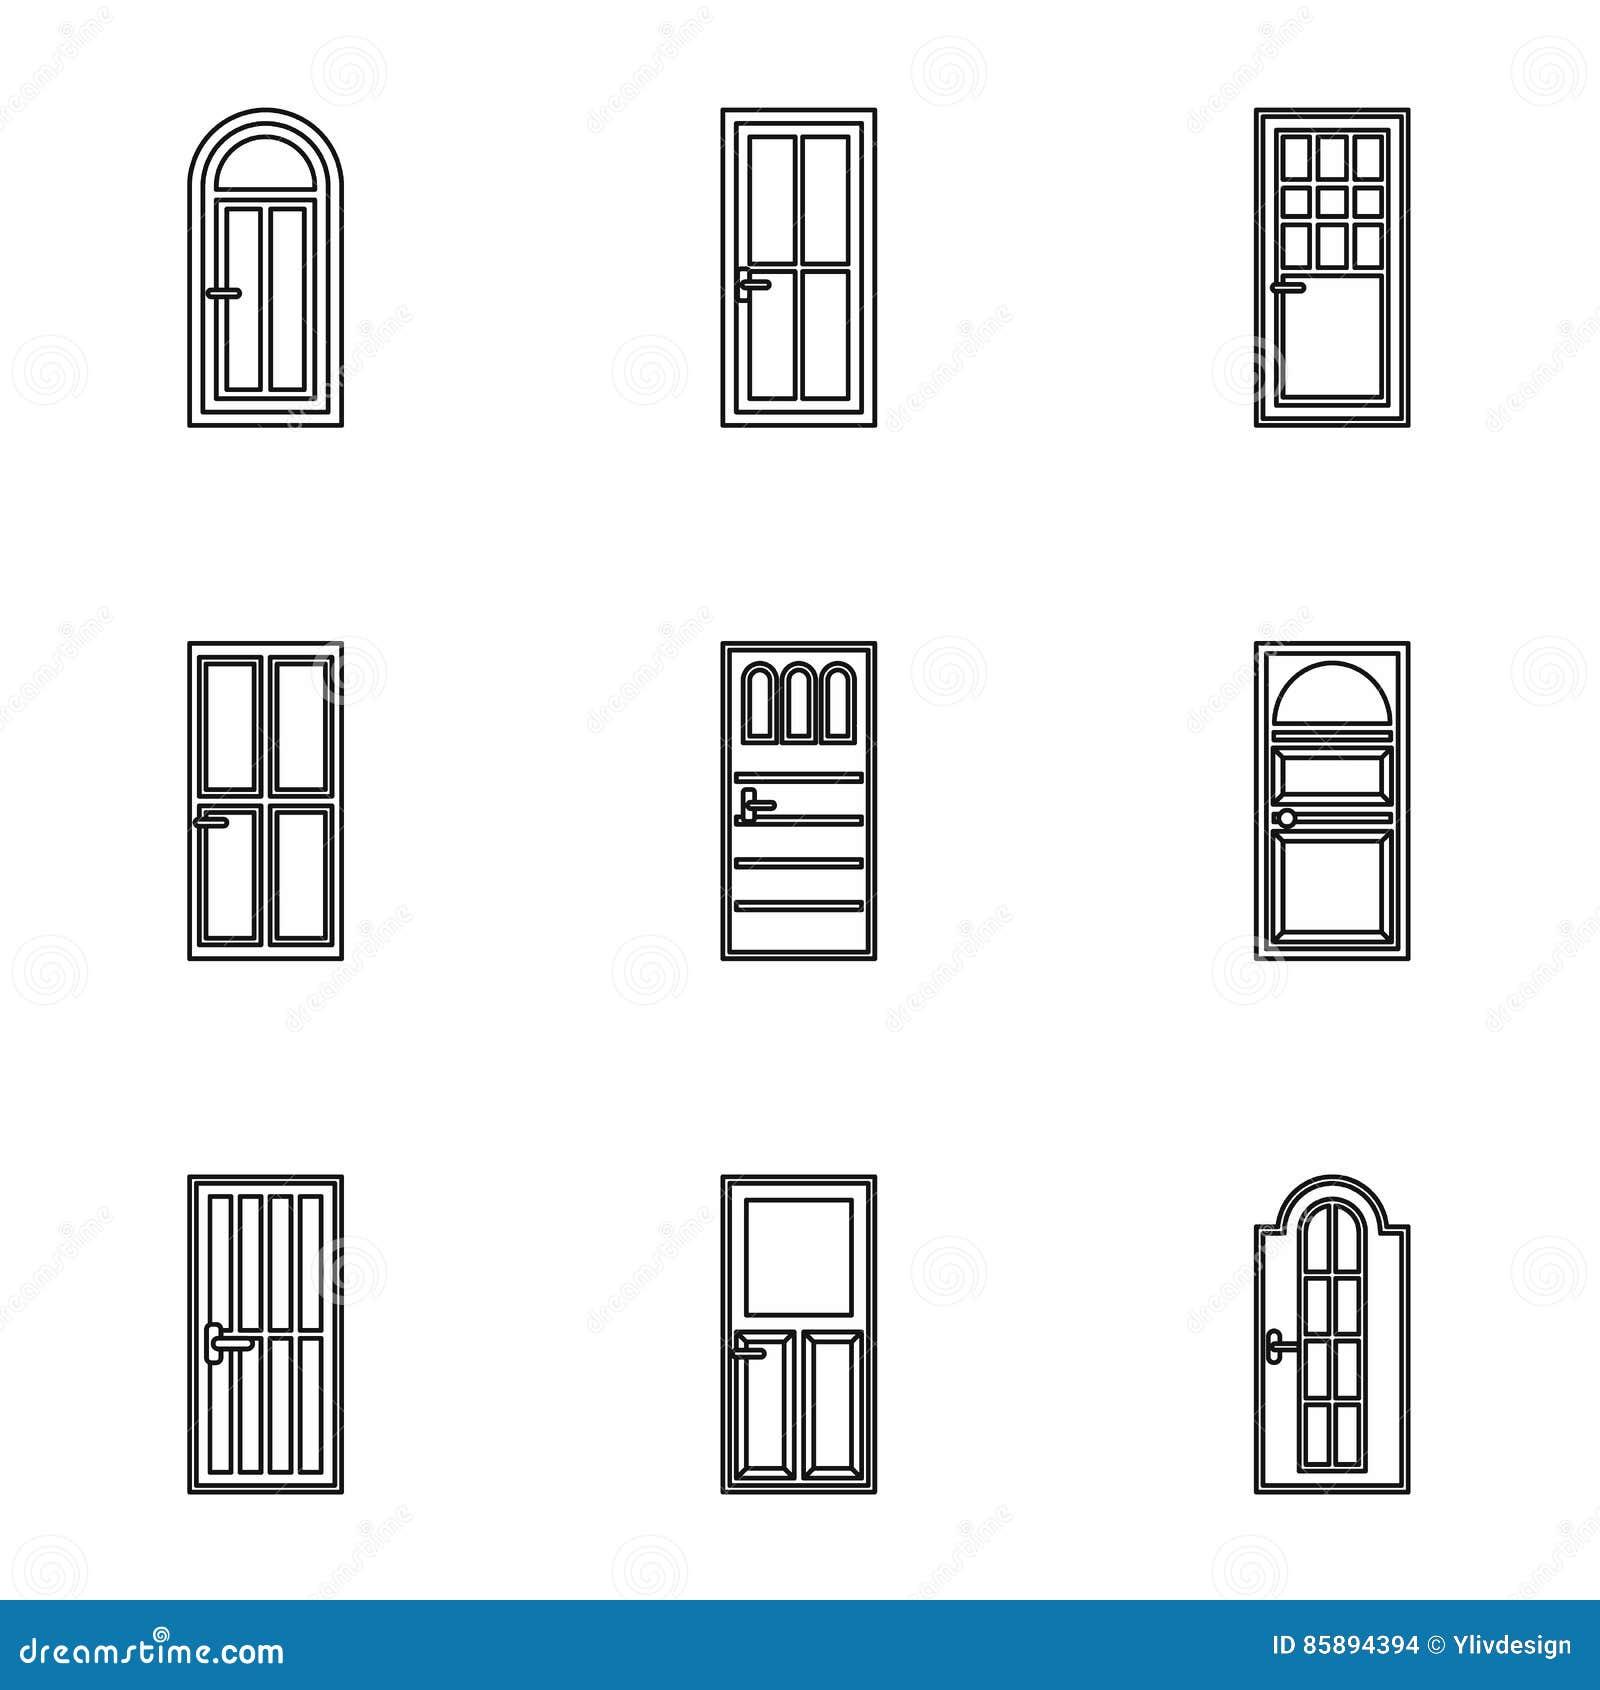 Los tipos de iconos de las puertas fijan resumen estilo for Tipos de puertas de madera